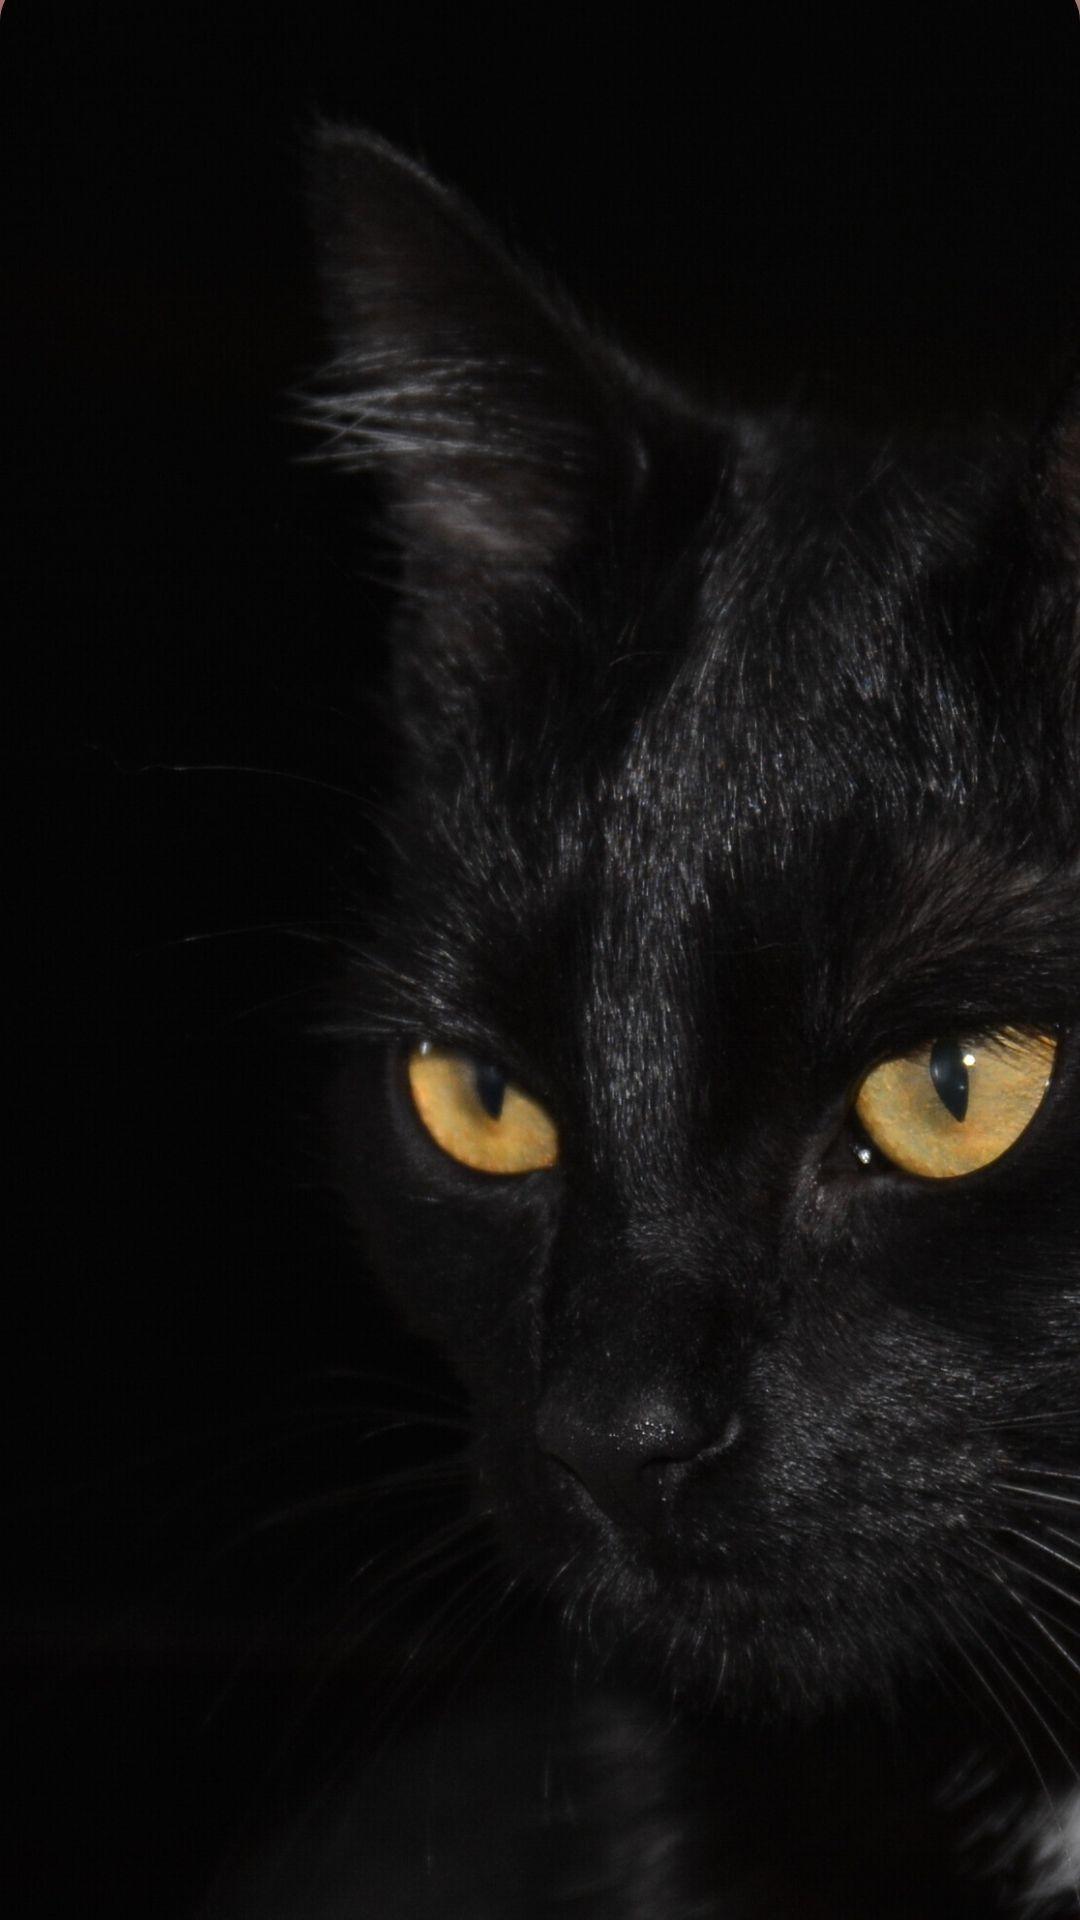 Iphone Black Cat Wallpaper In 2020 Cute Cat Wallpaper Cat Wallpaper Cute Black Cats